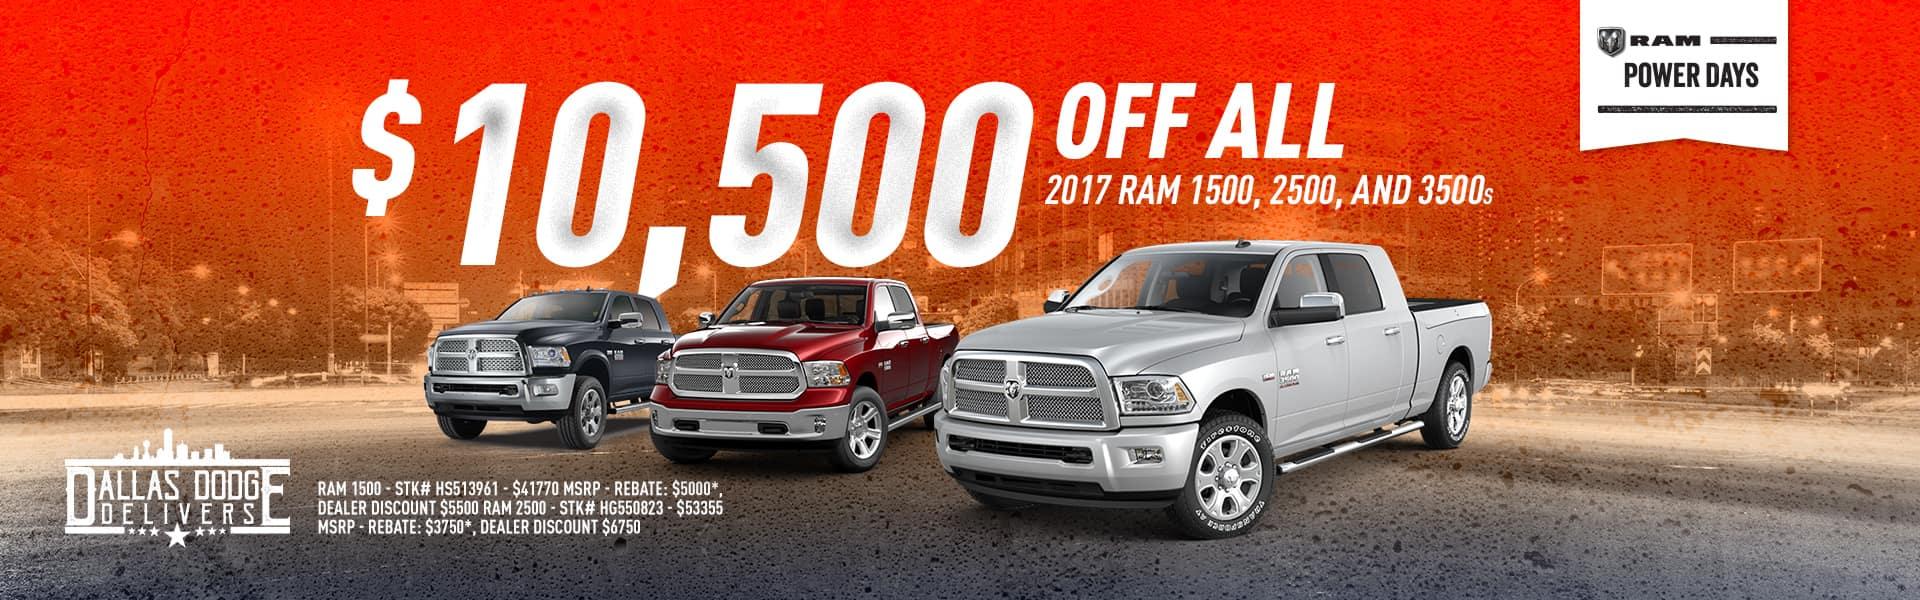 2017 Ram September Offer